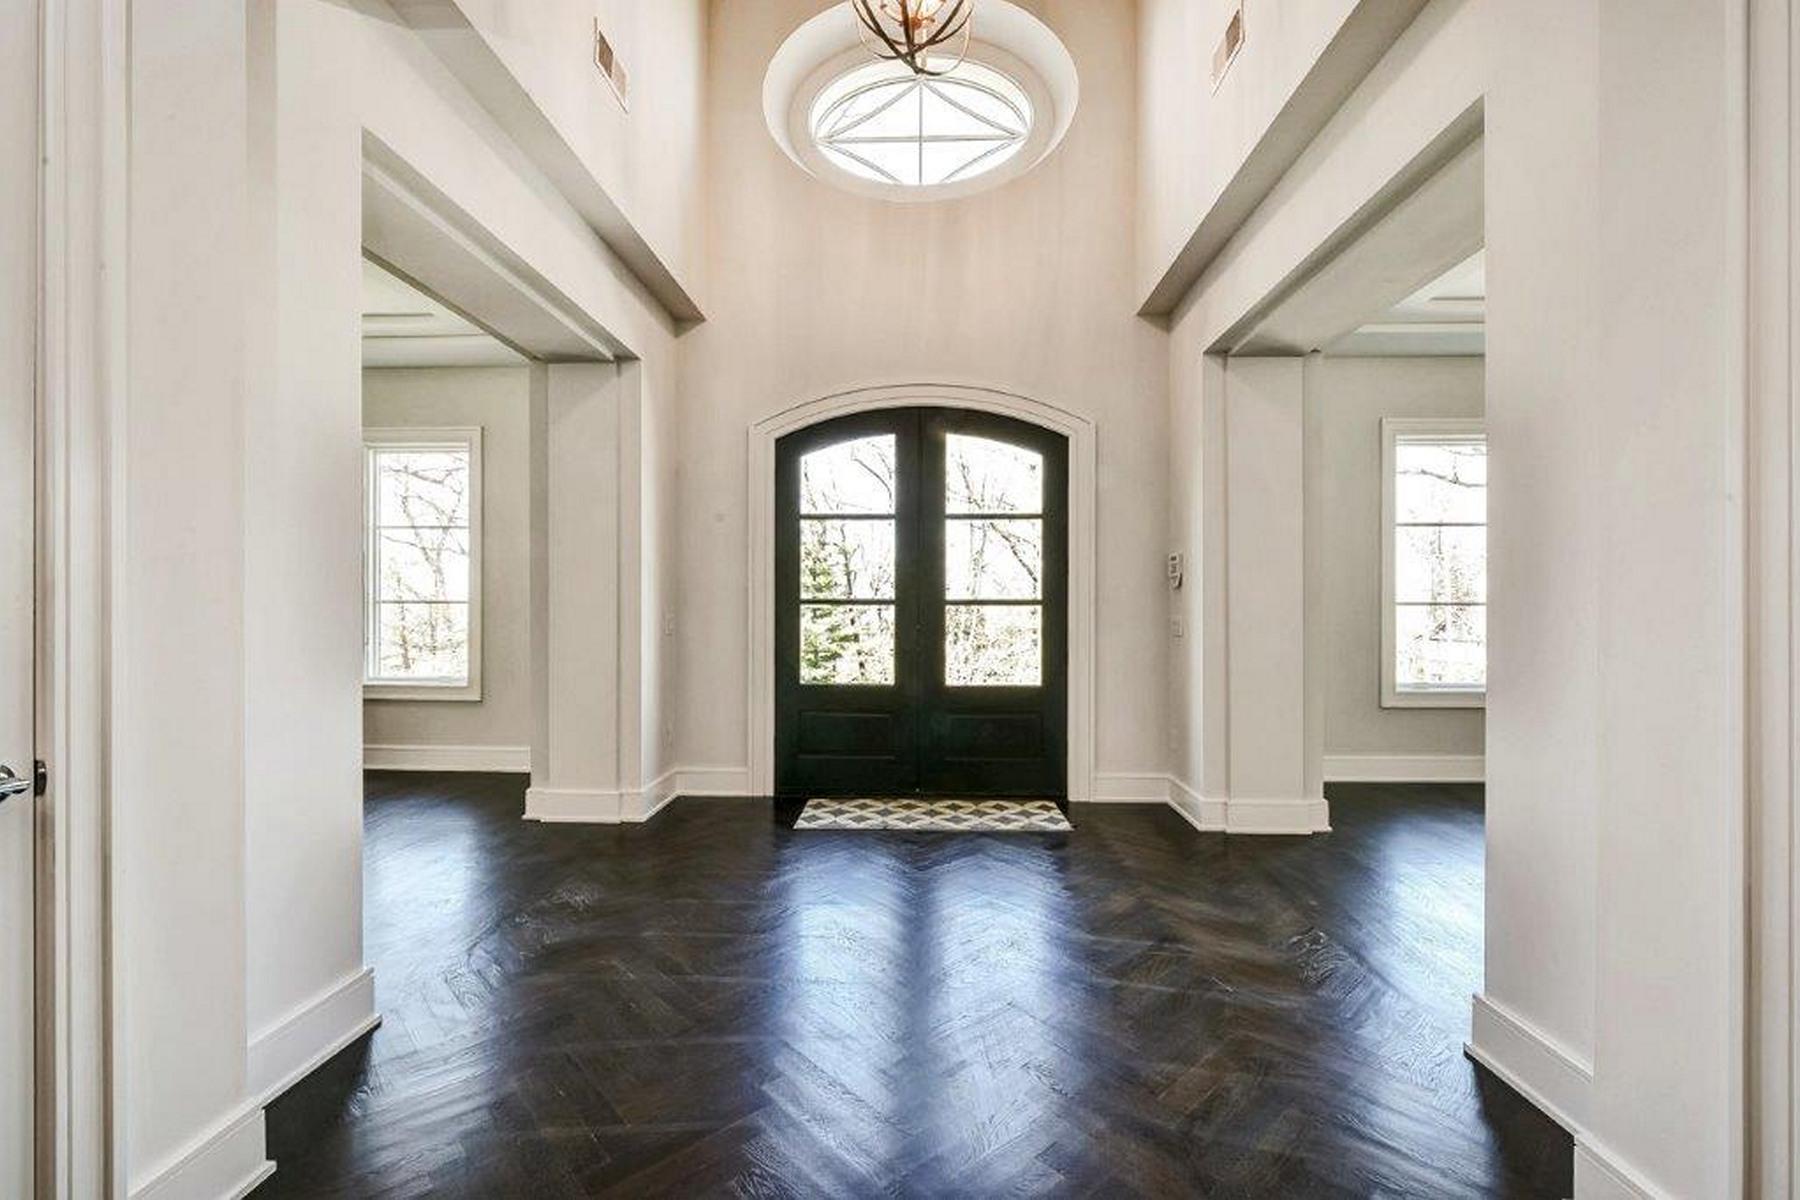 Частный односемейный дом для того Продажа на Tenafly Masterpiece 14 Dogwood Lane, Tenafly, Нью-Джерси 07670 Соединенные Штаты